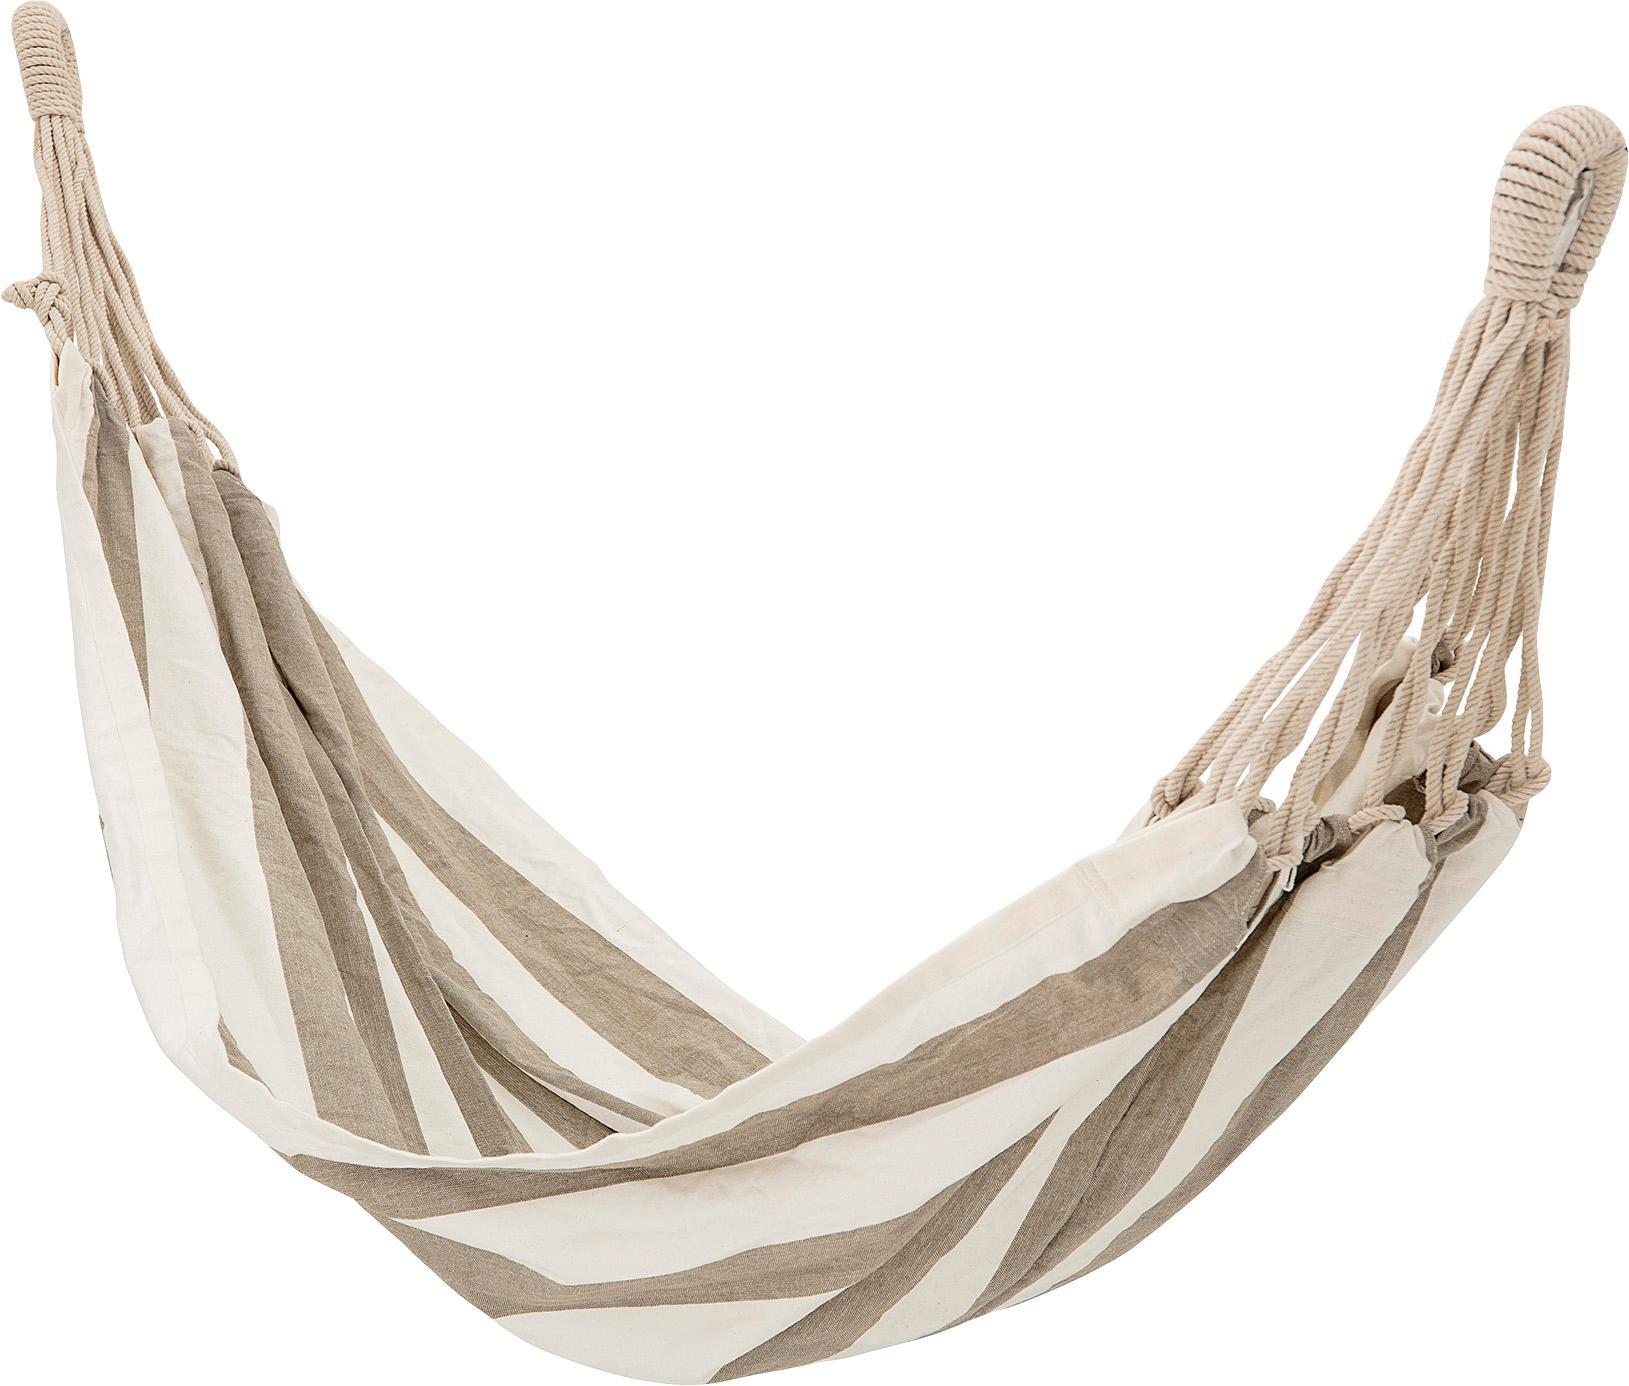 Hamaca Lazy, Algodón, Blanco, beige, An 100 x L 270 cm